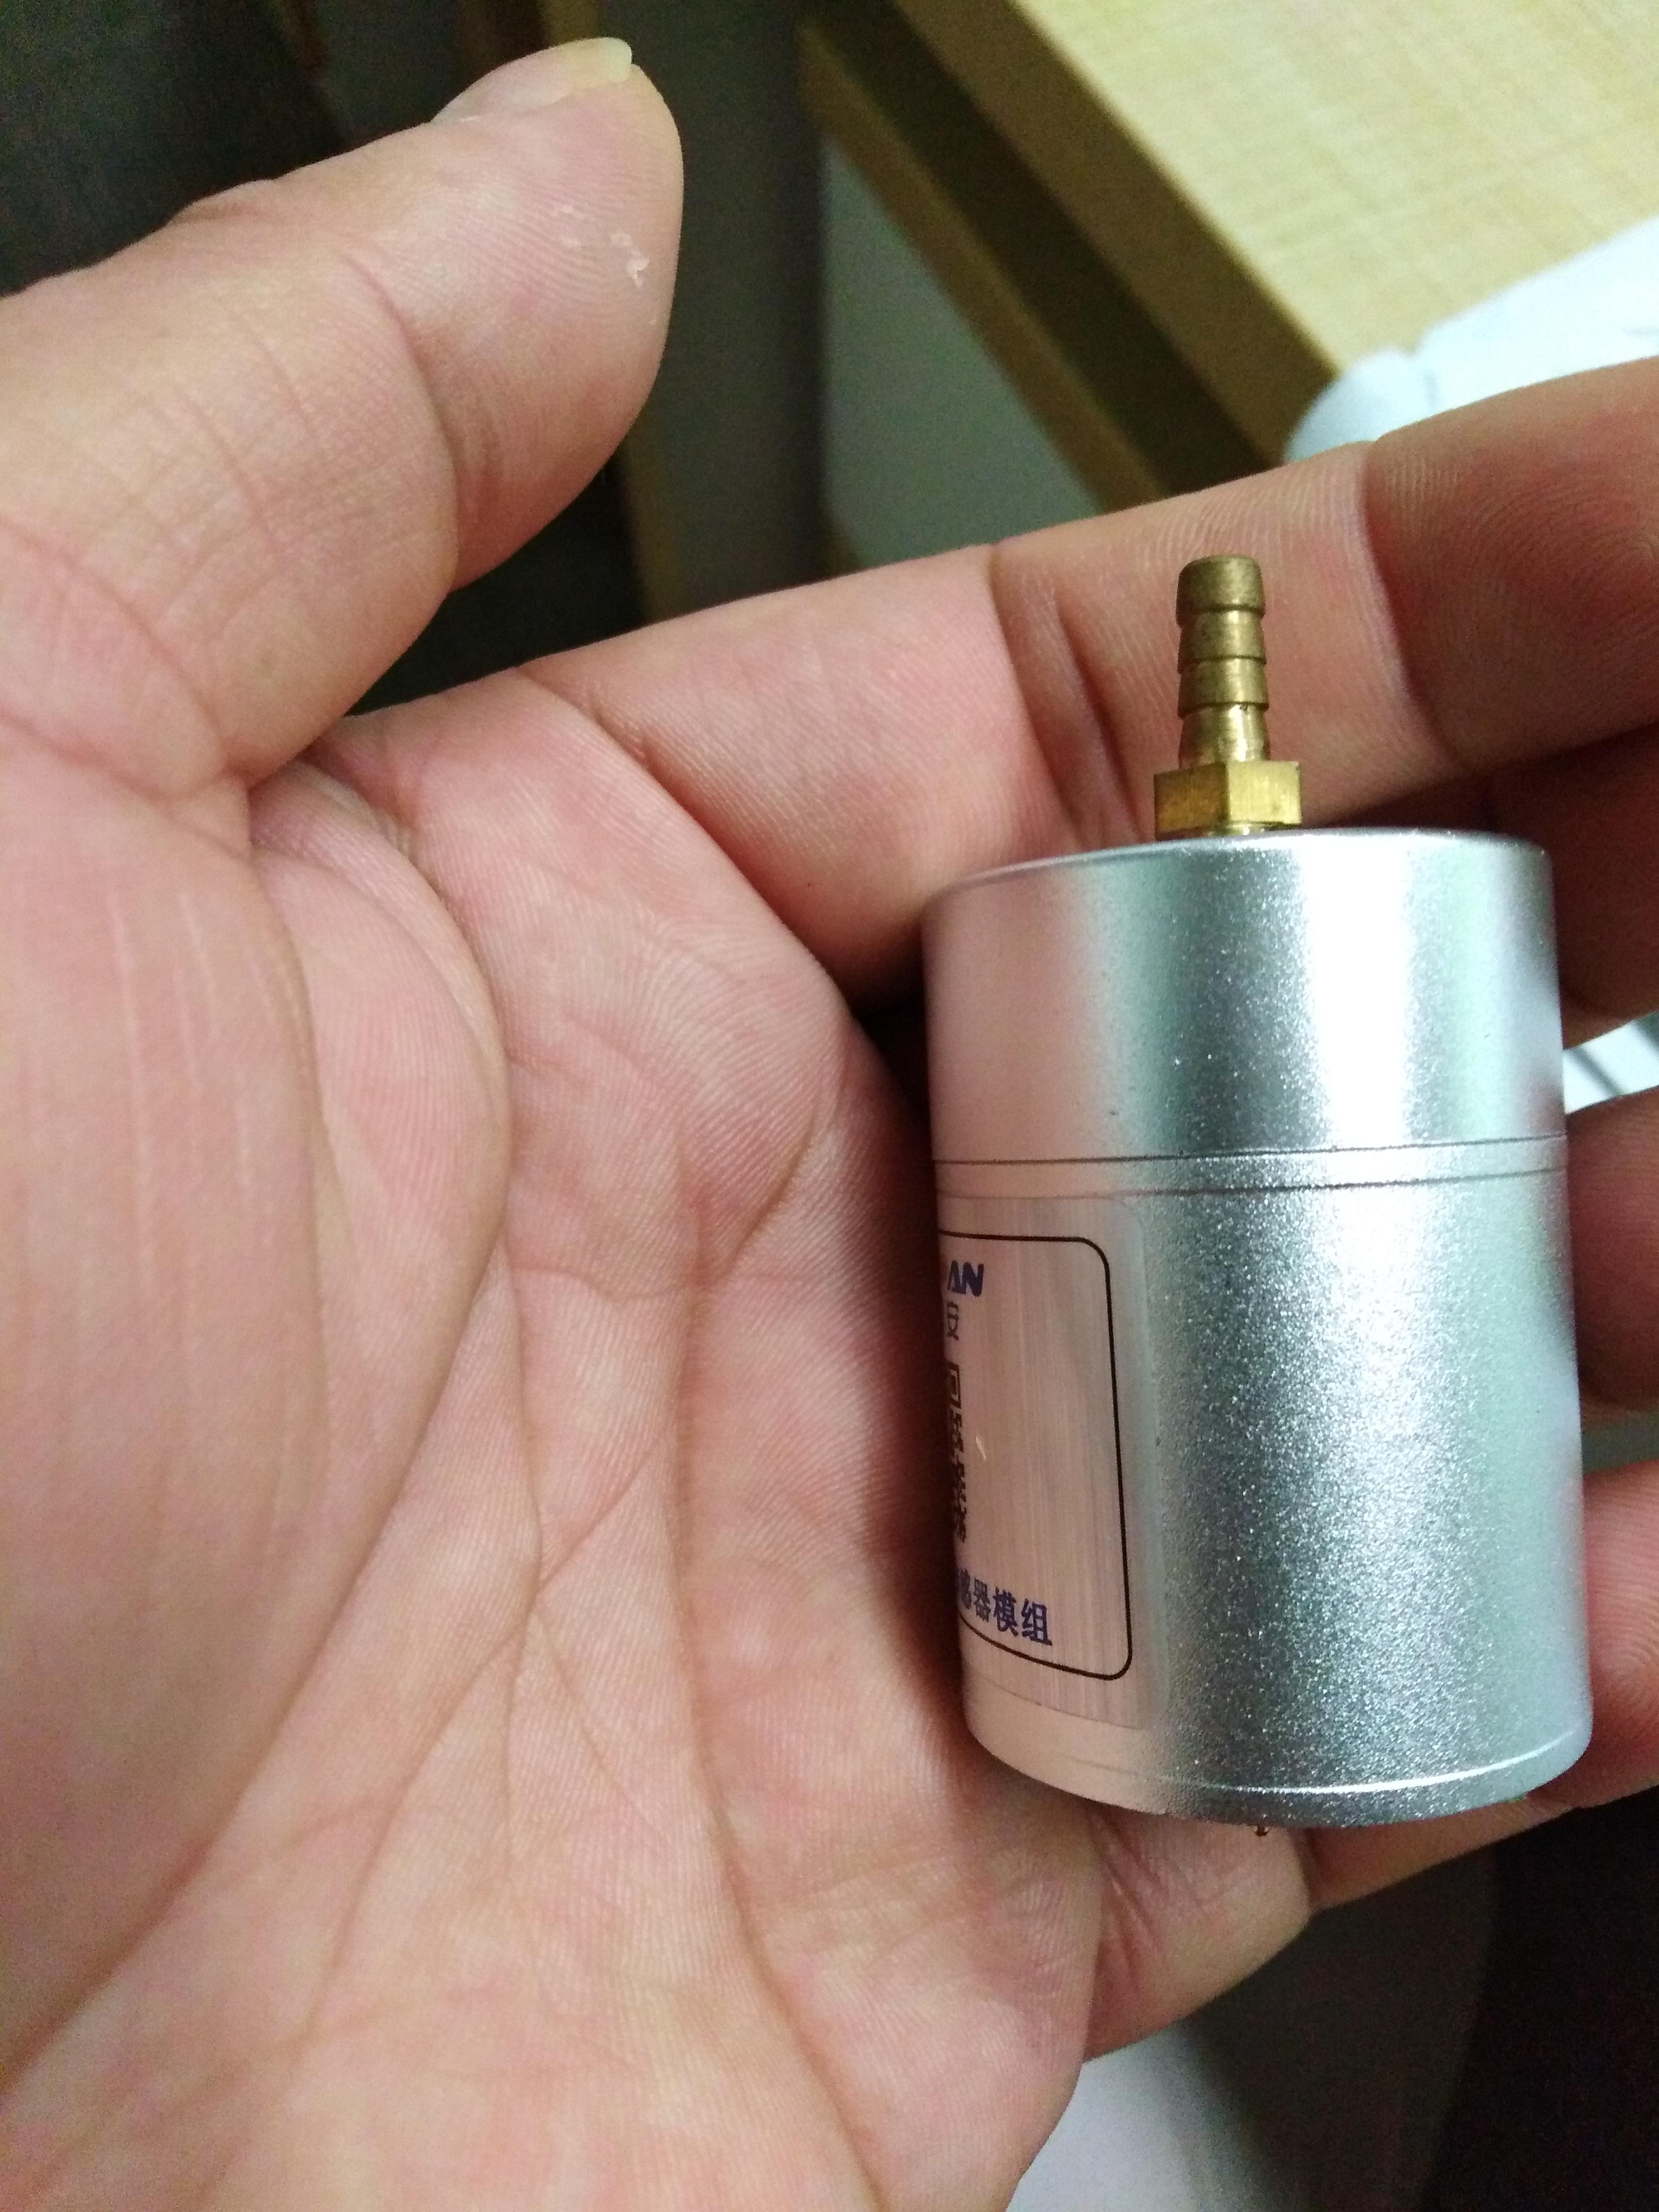 环境监测气体模块专用碳酸二甲脂气体传感器模组2020重头出货